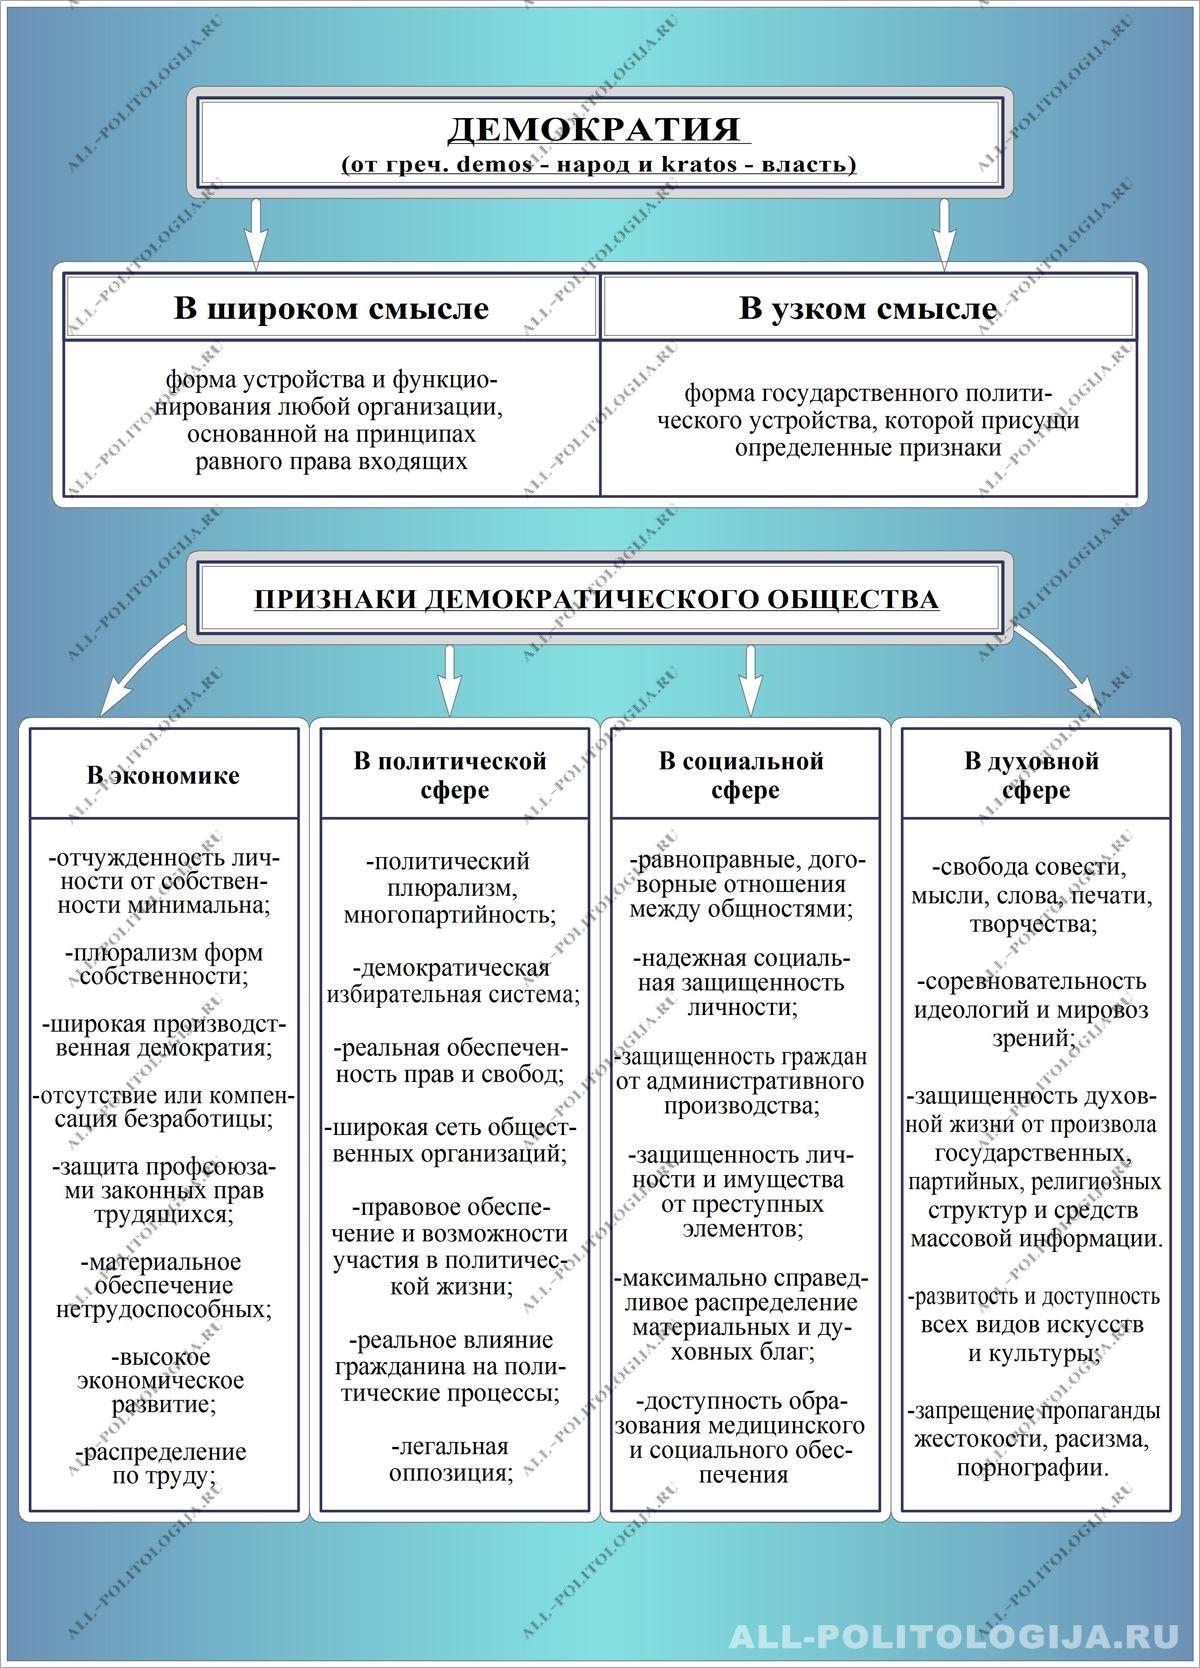 условия реформ политической модернизации таблица